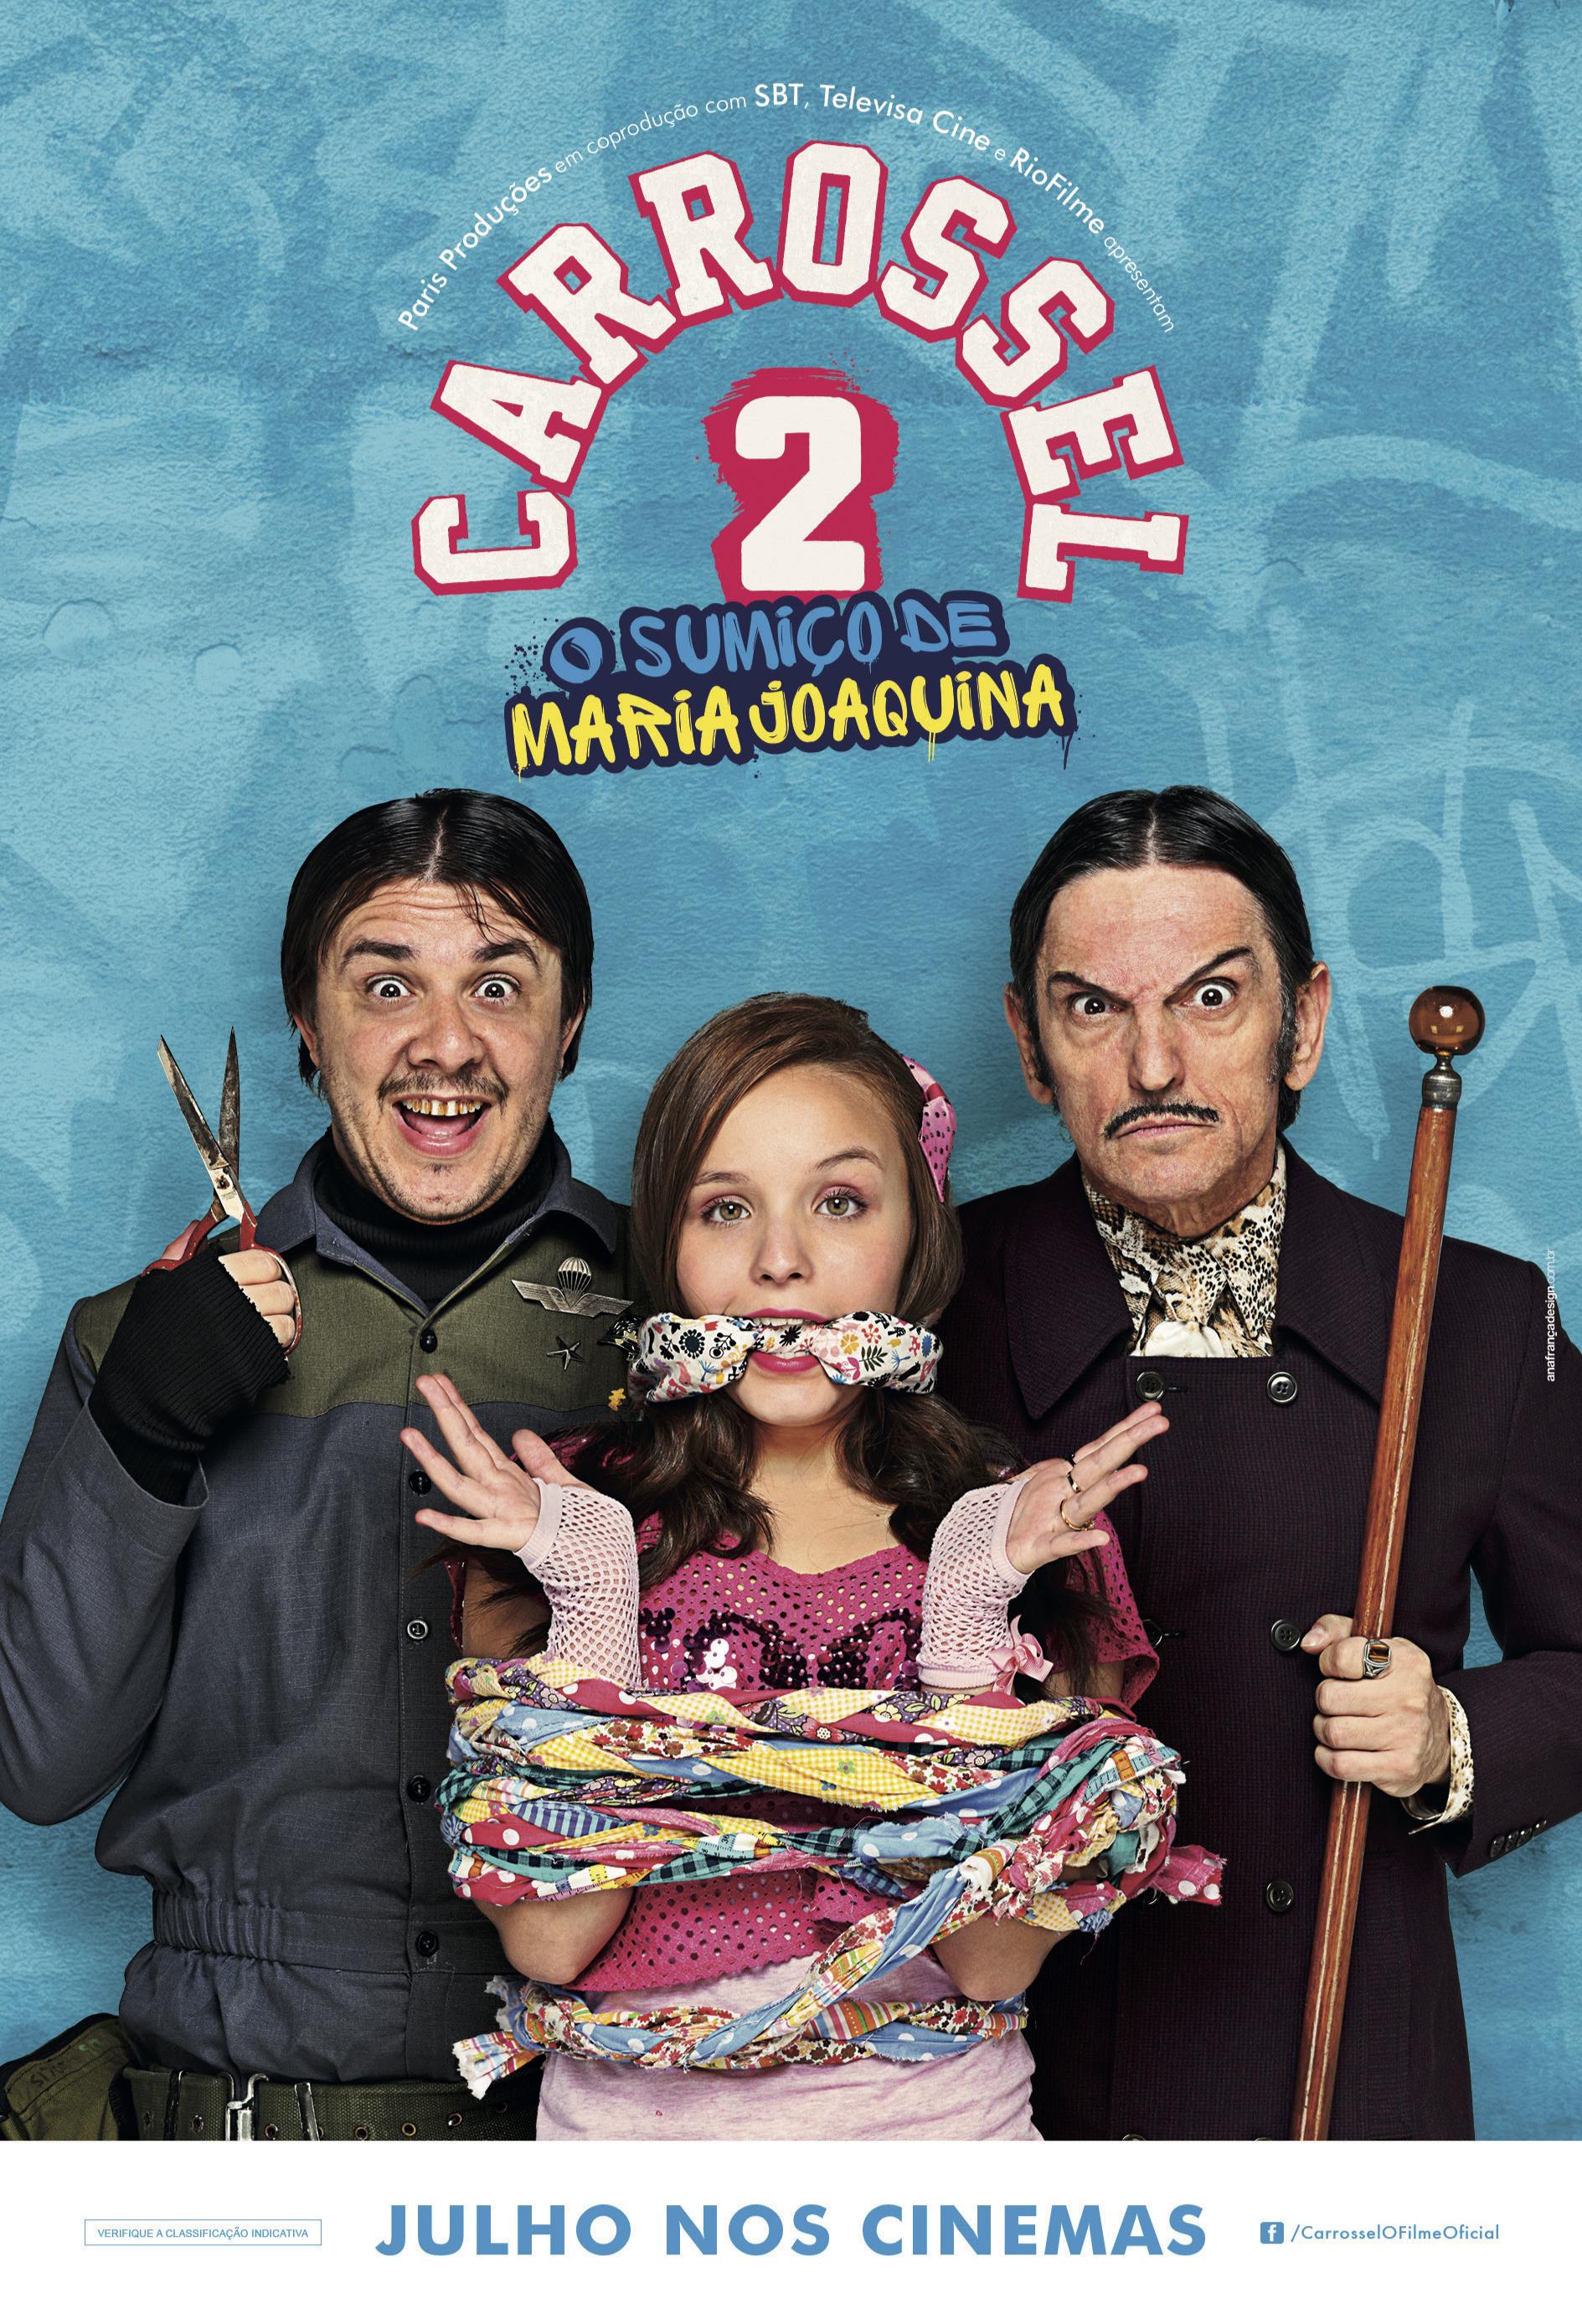 2016 - Carrossel 2 - O Sumiço de Maria Joaquina